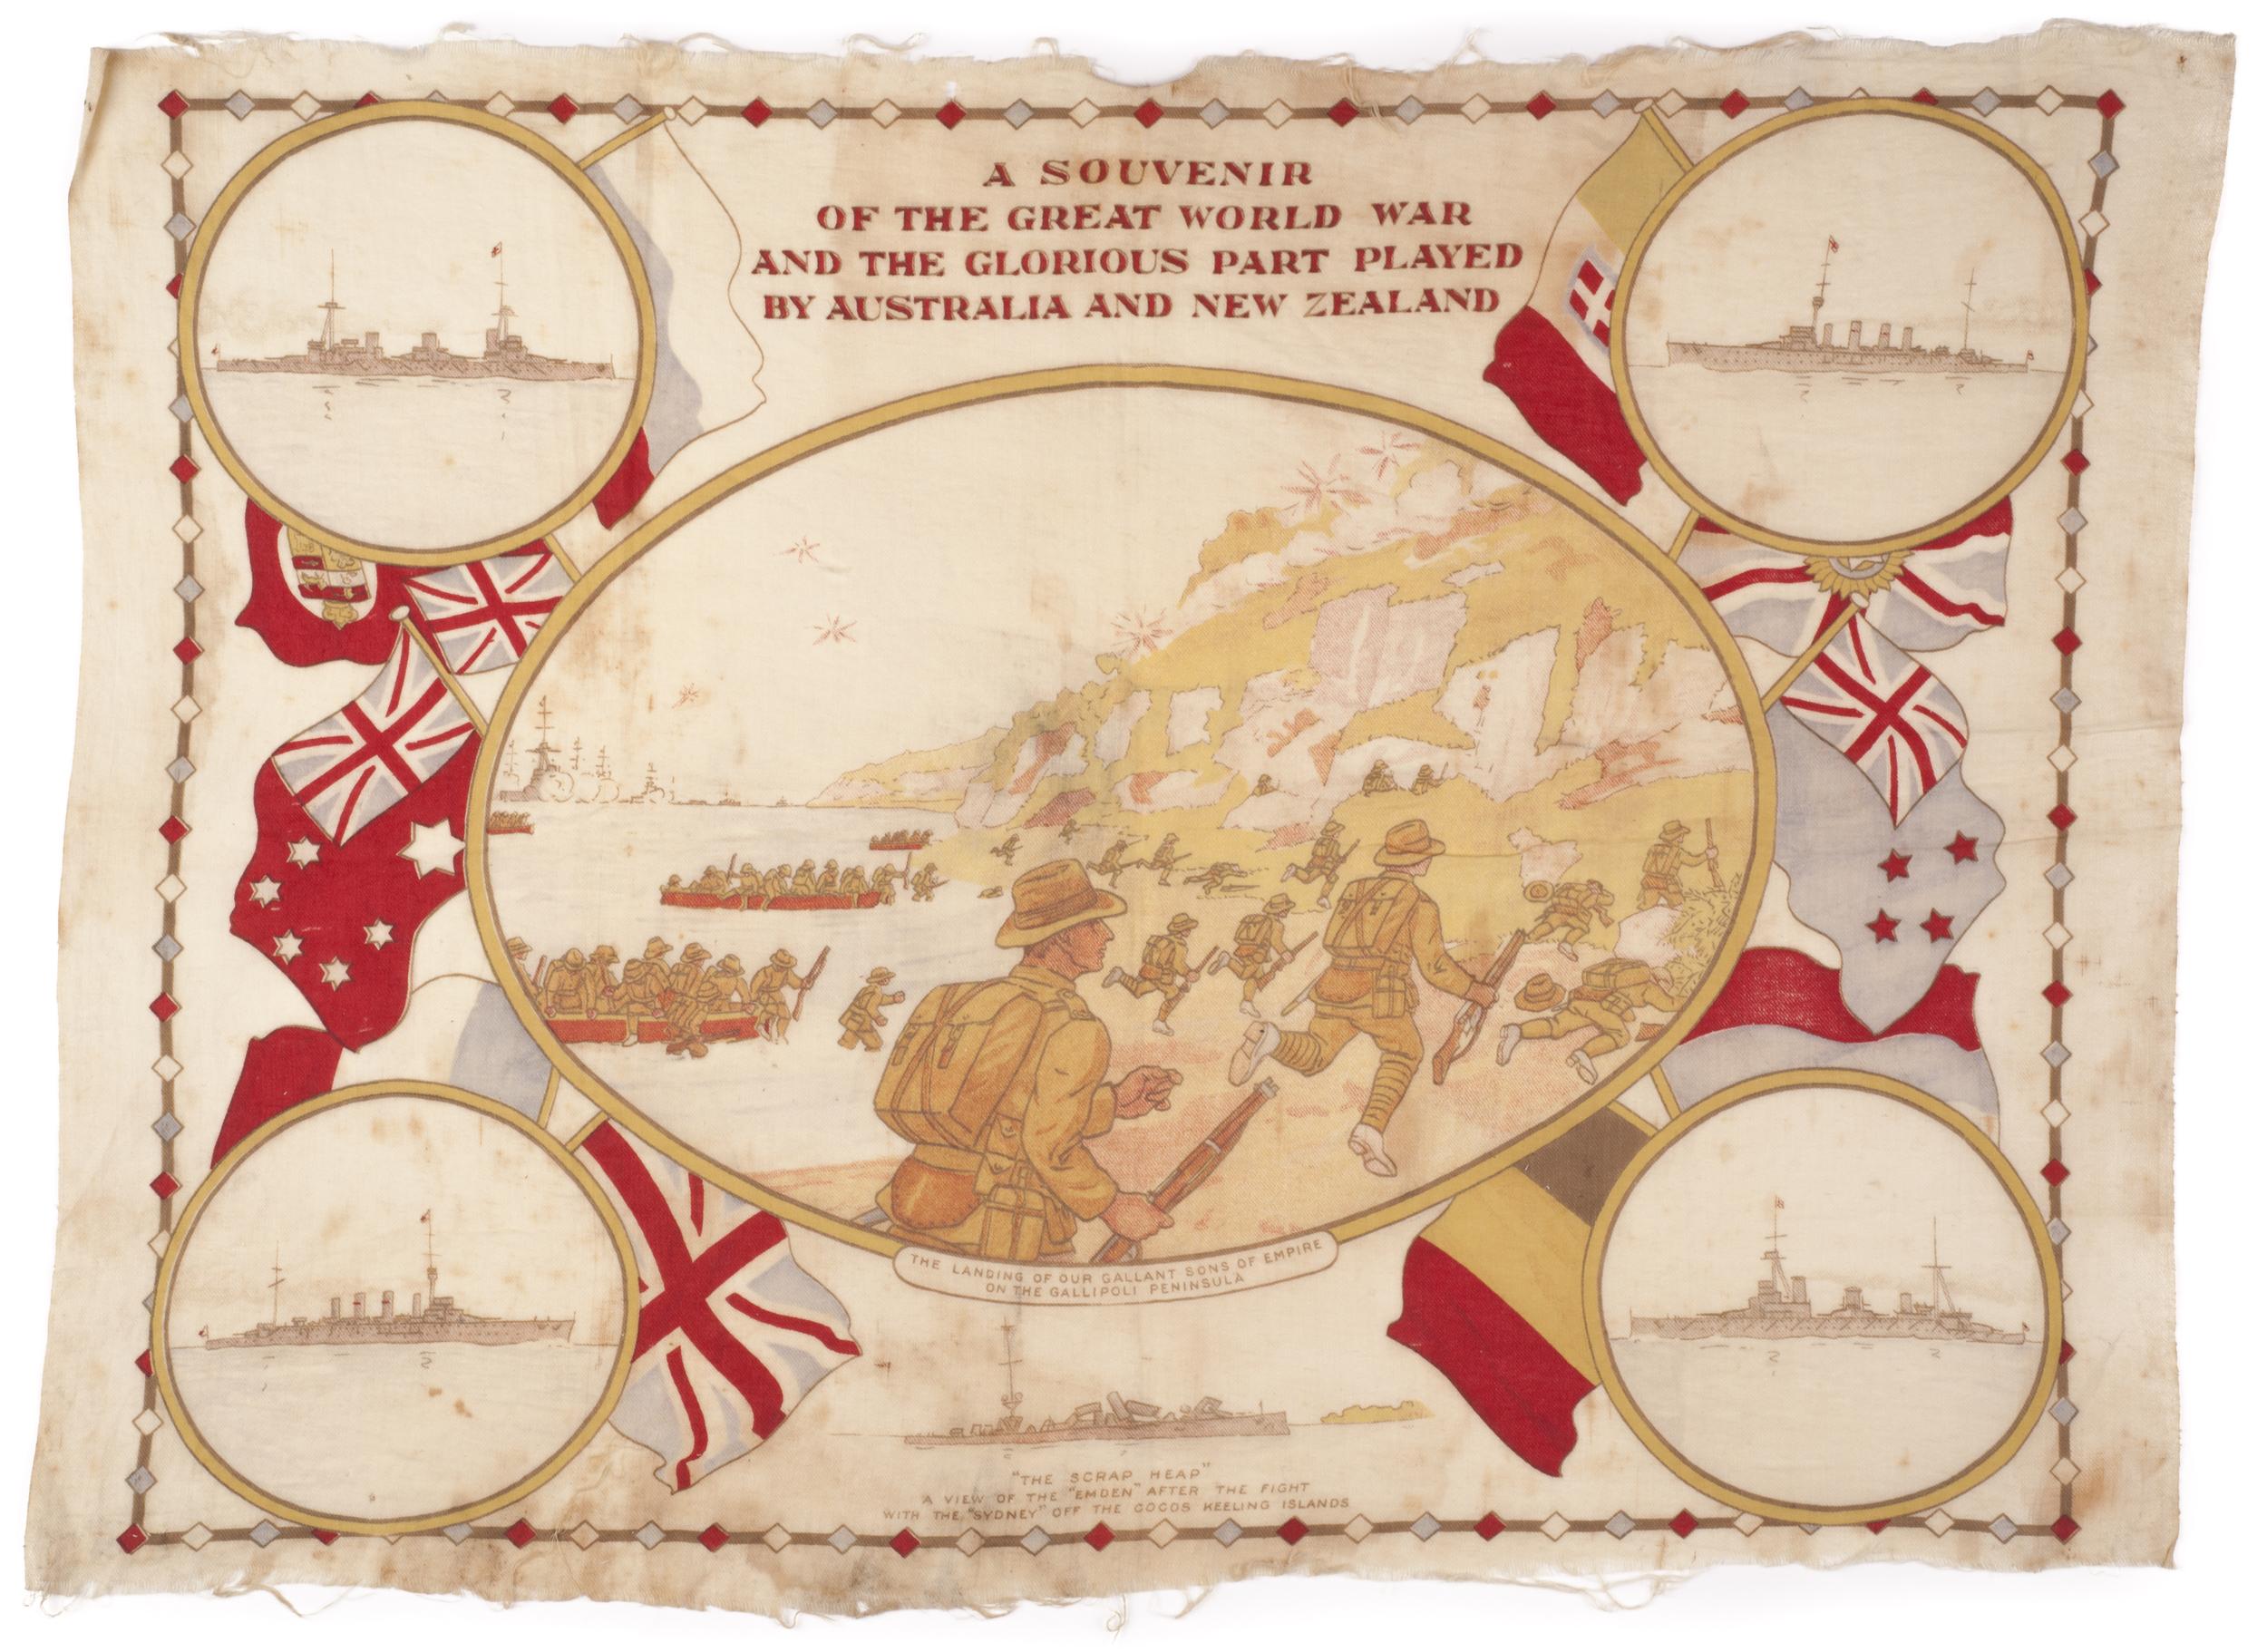 77_182 gallipoli banner large.jpg